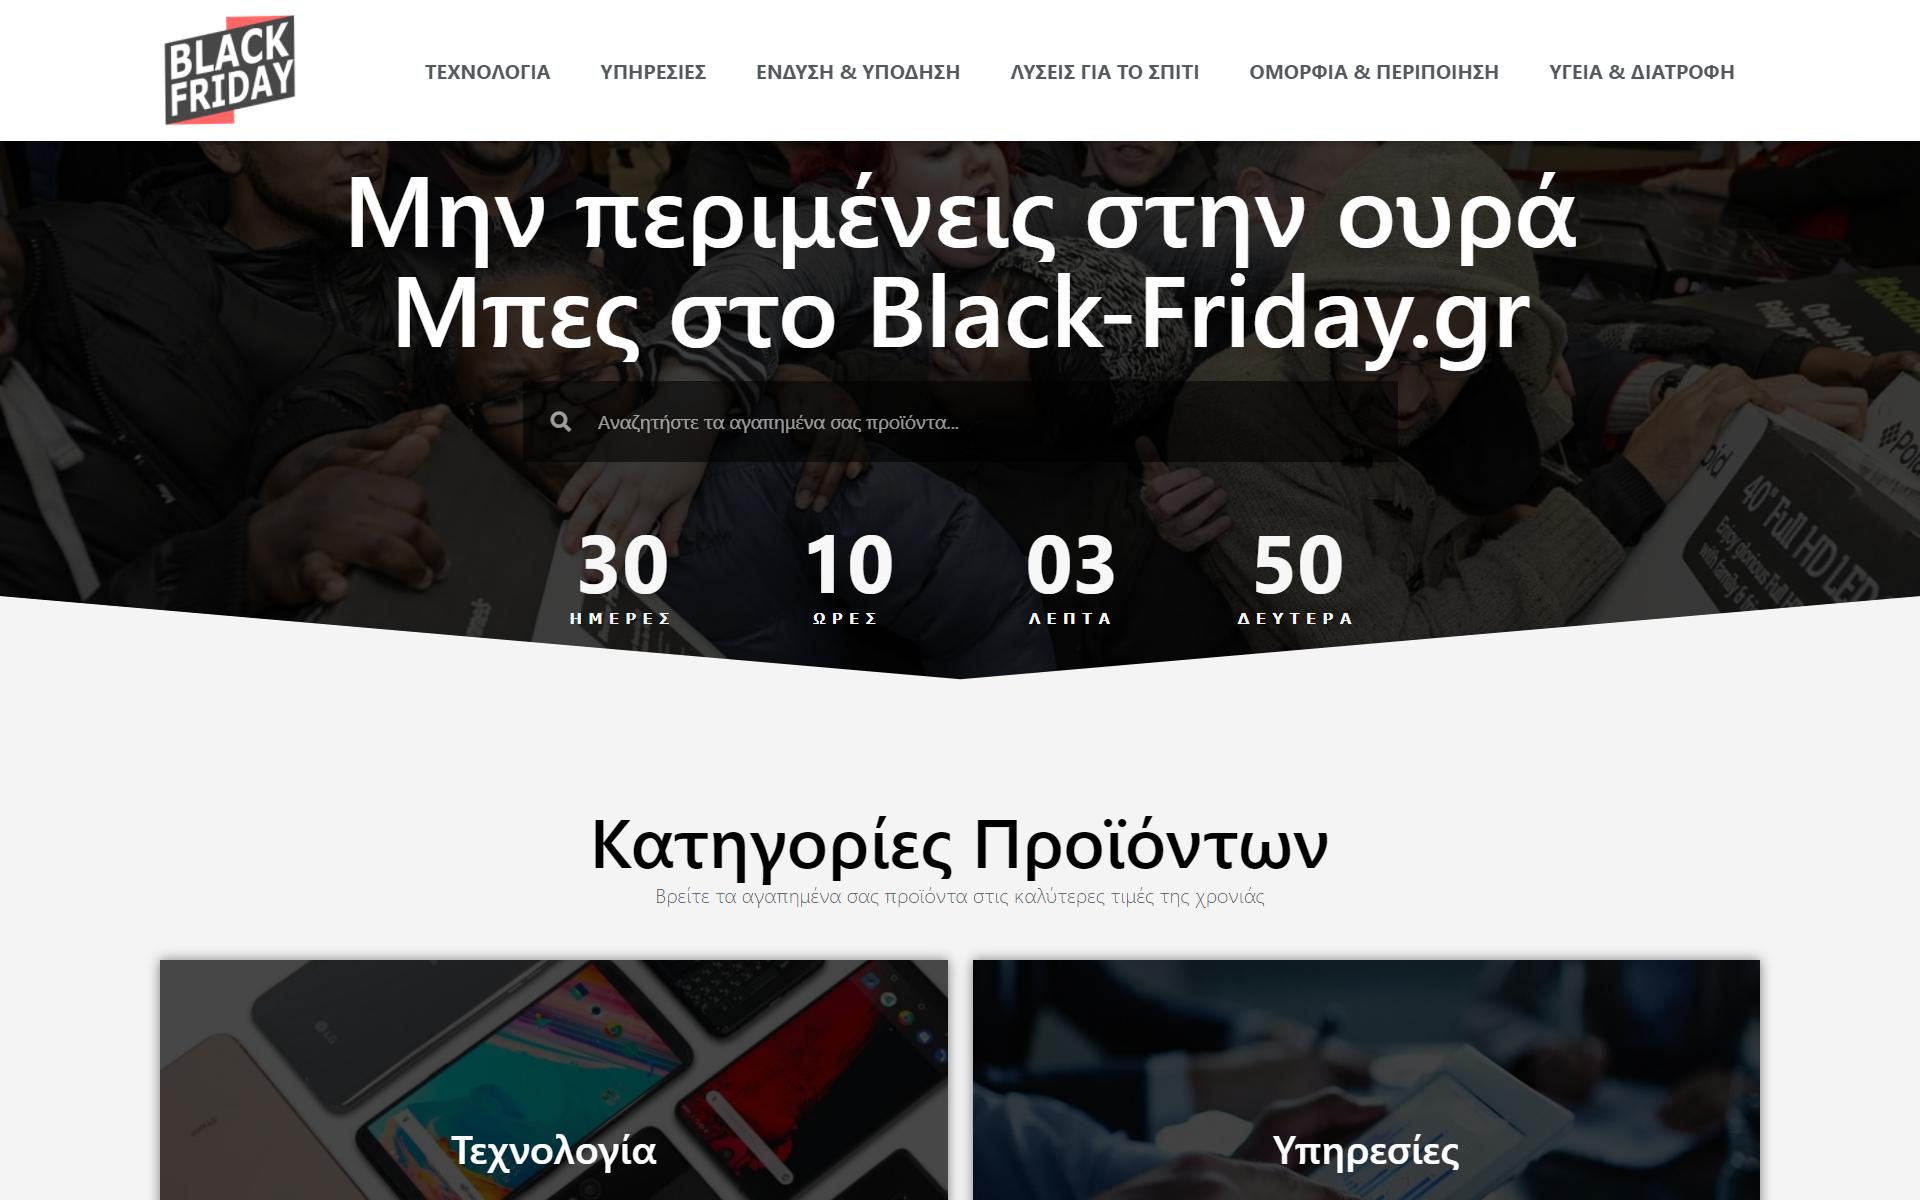 Black-Friday.gr